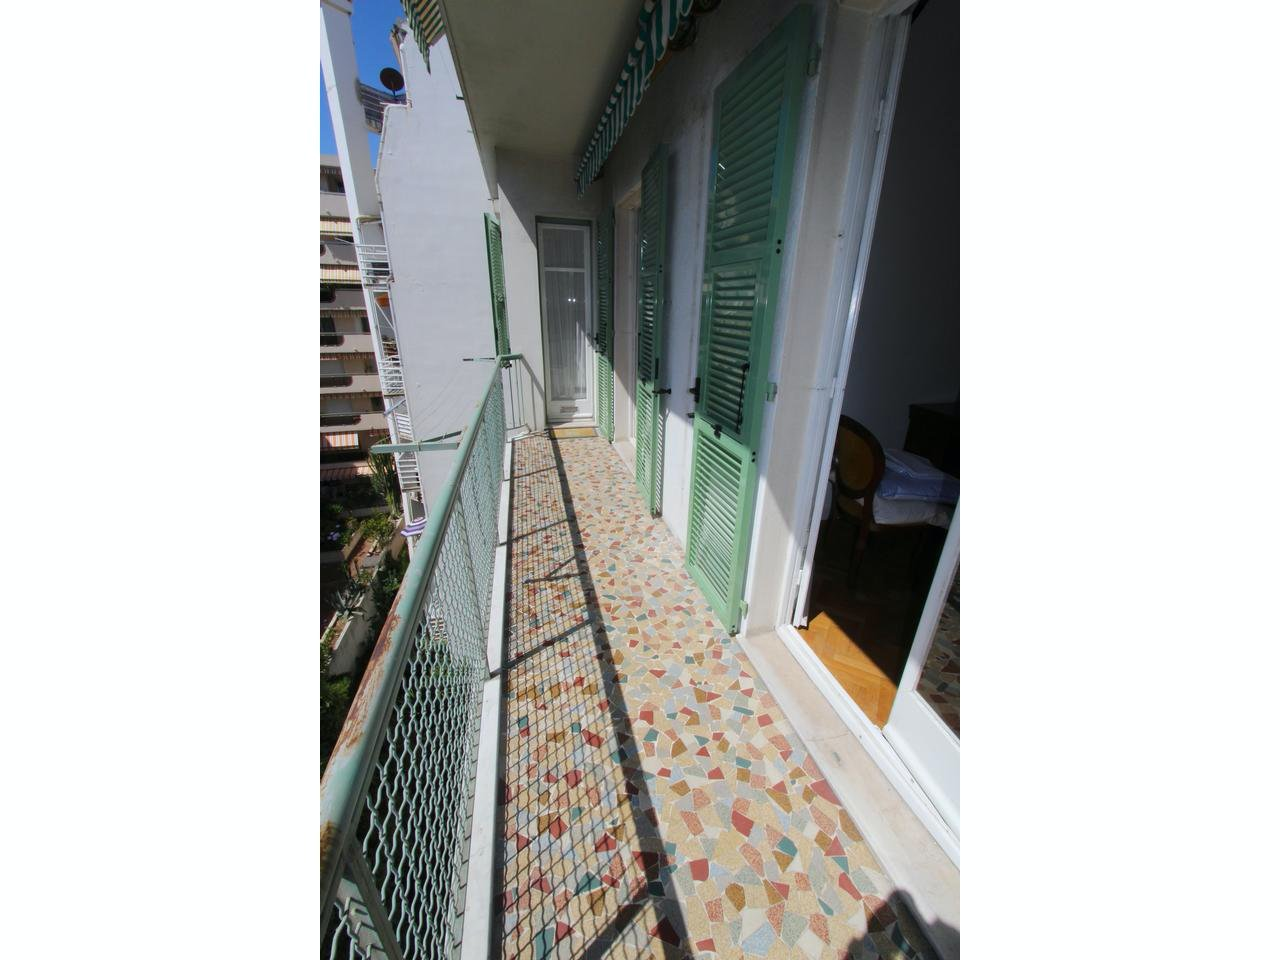 Lägenhet med 2 balkonger, en i öst och en i väst